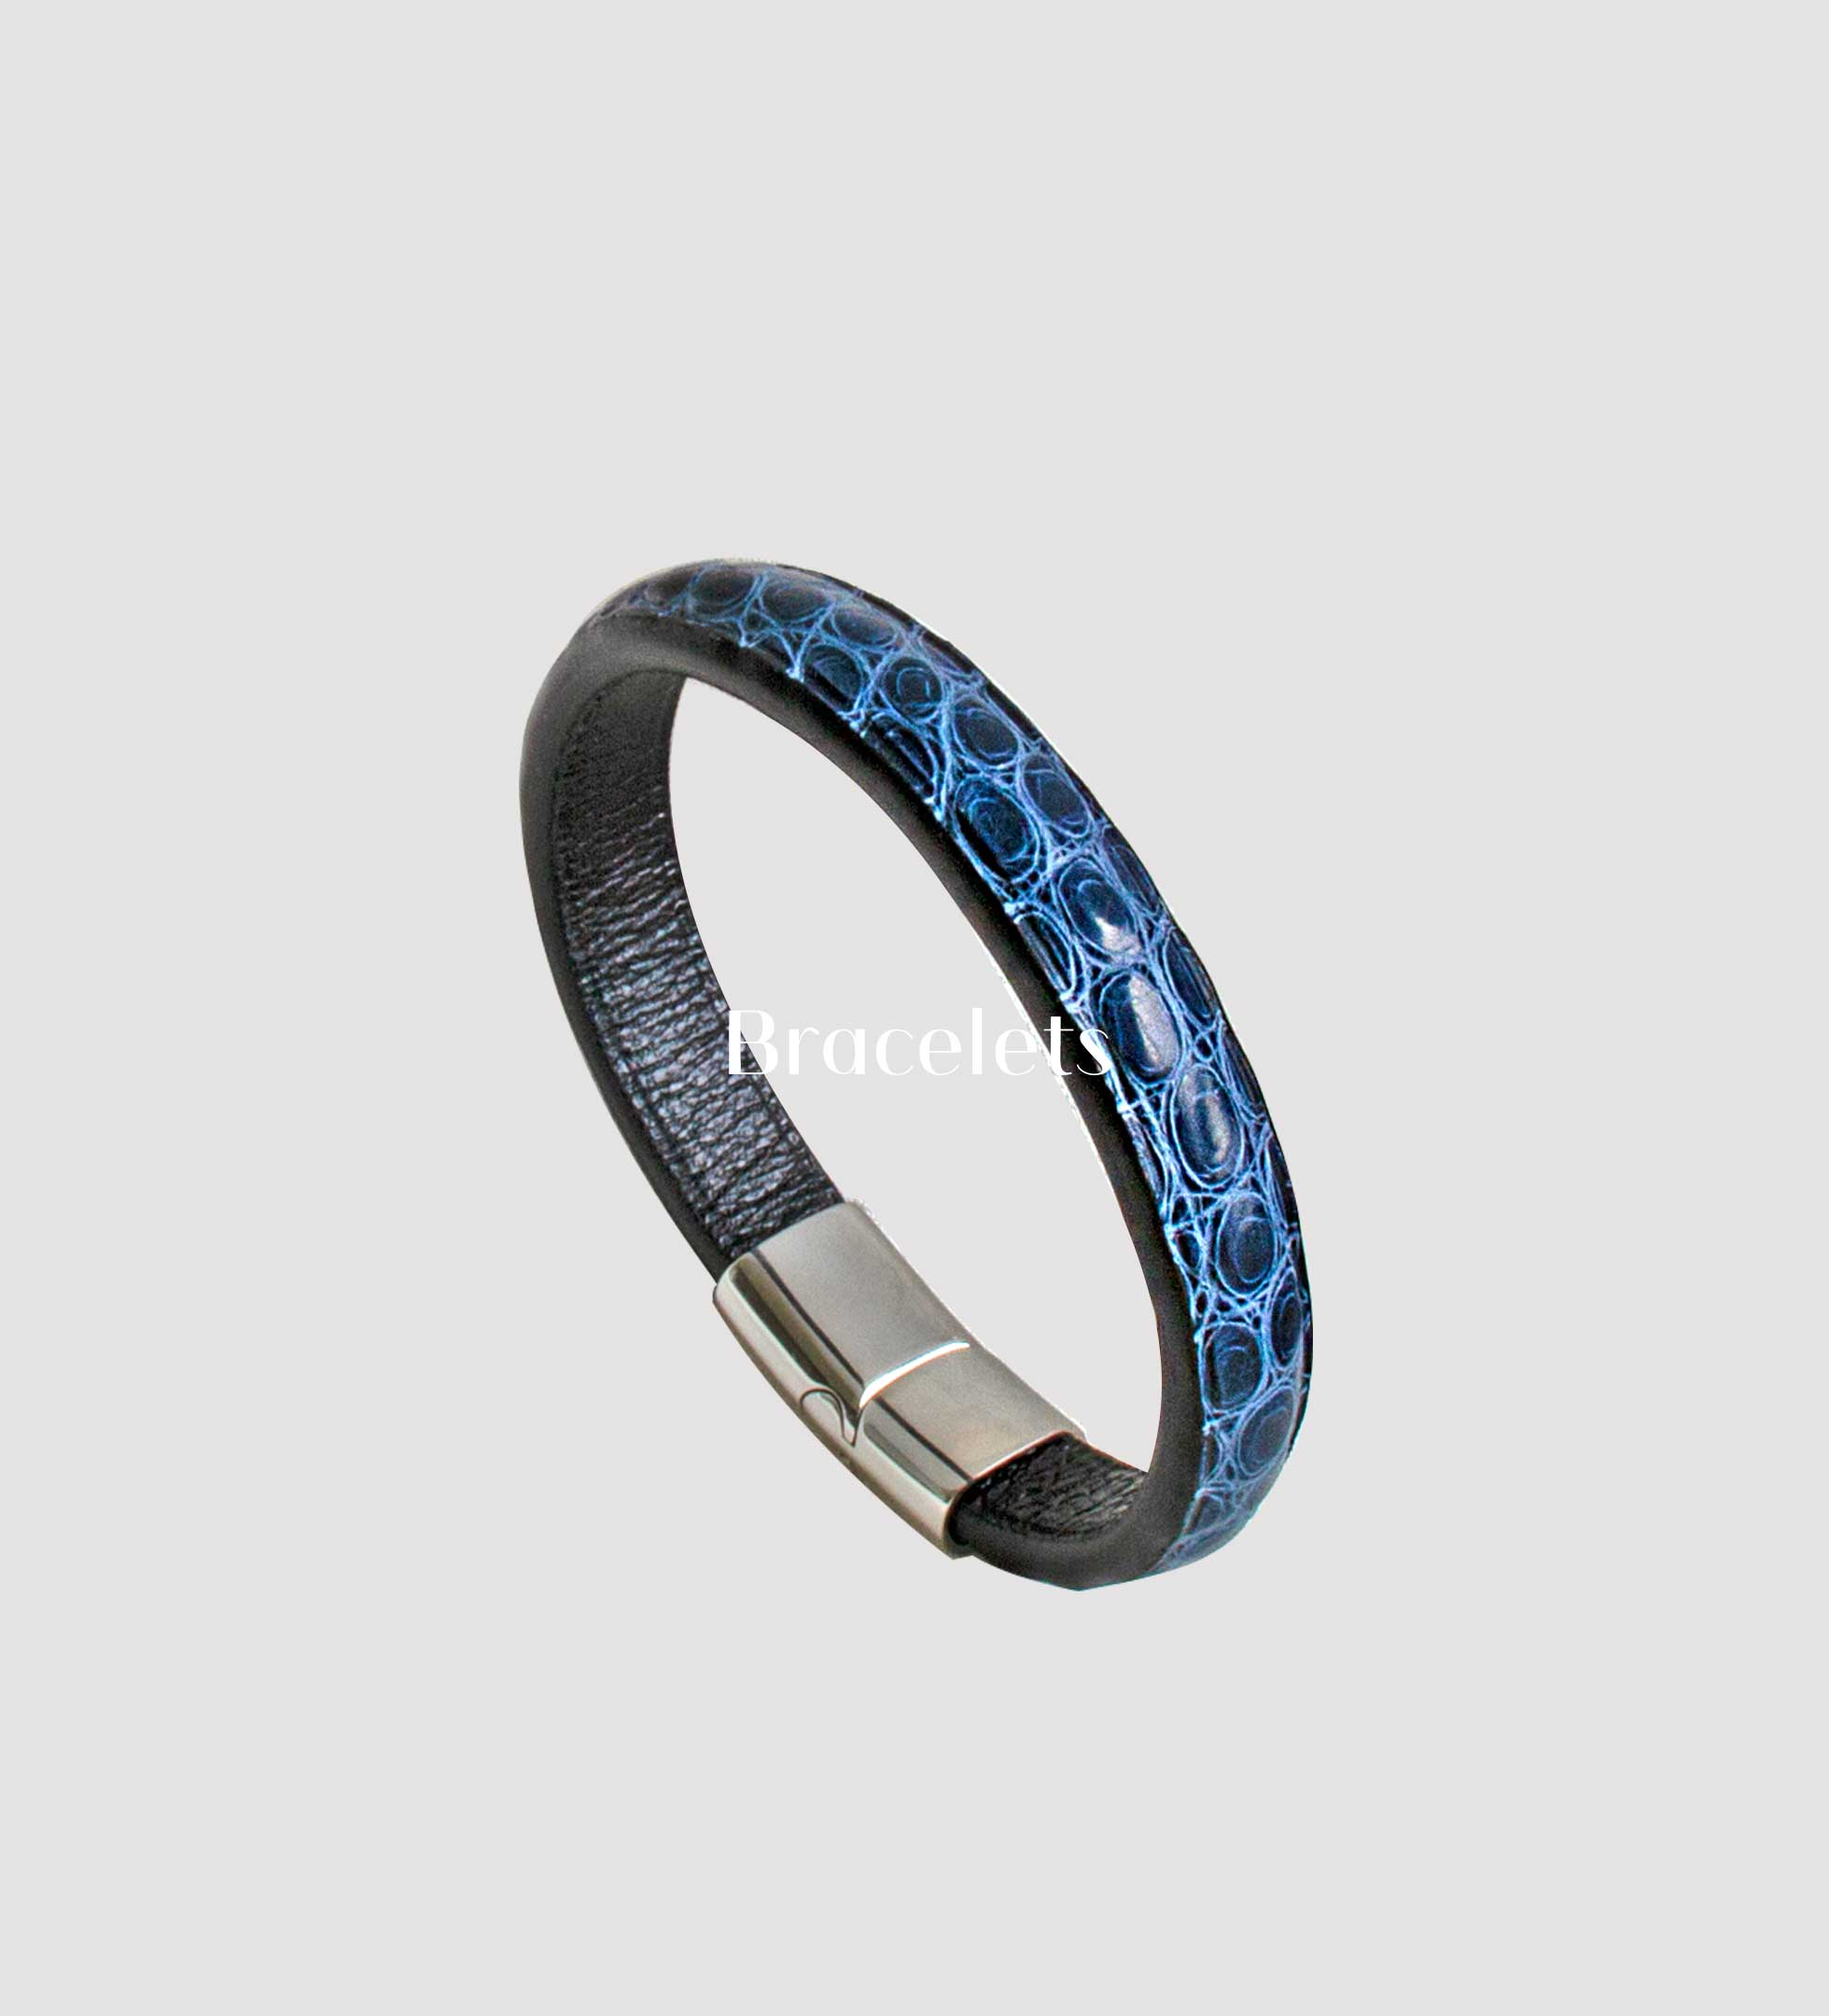 crivellaro fiche produits braceletsv2 homme 490x540